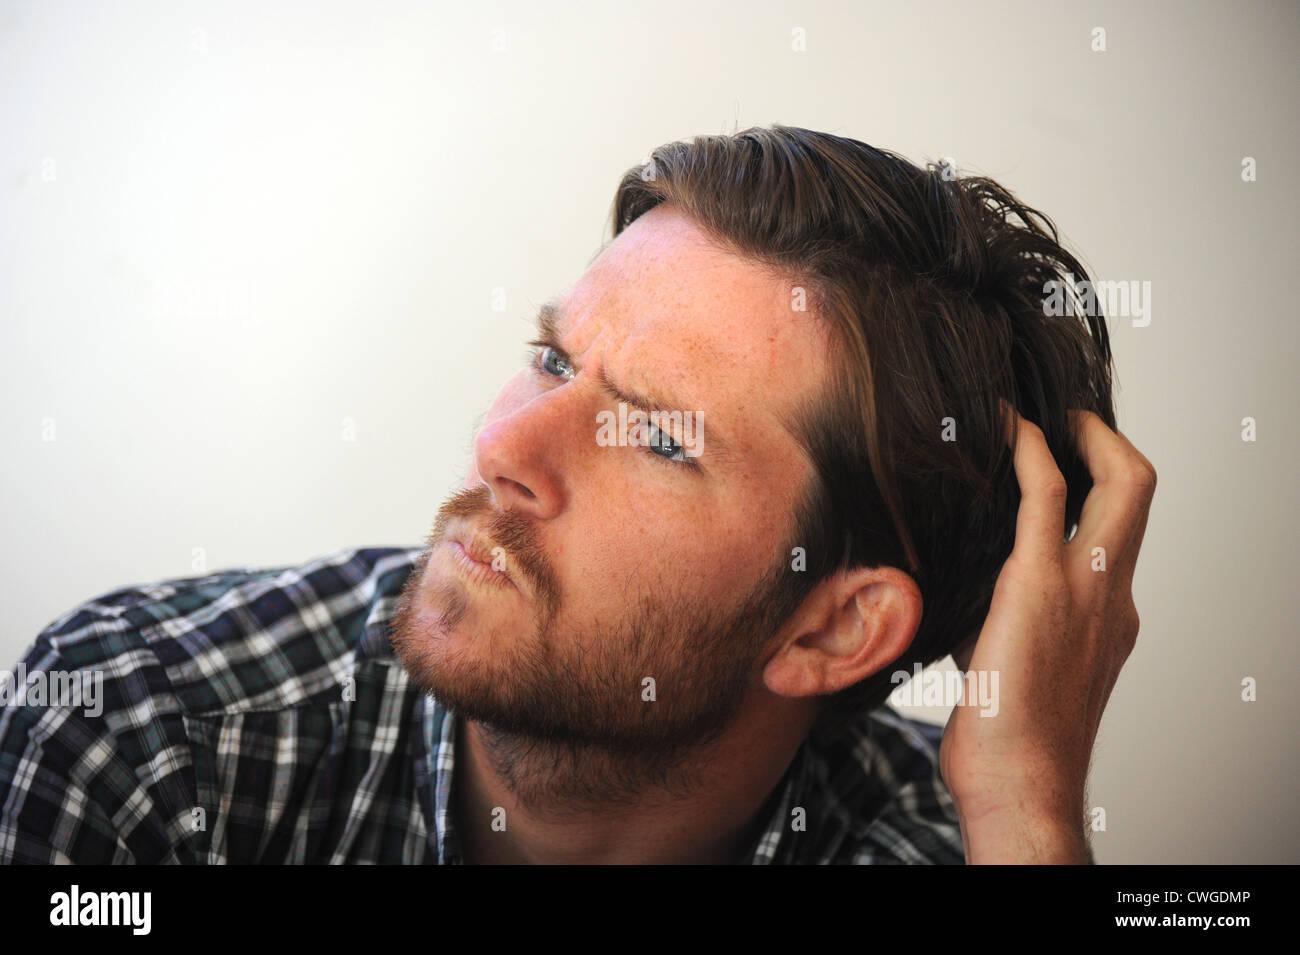 Jeune homme la pensée de travail intense expressive scratching head mad Photo Stock